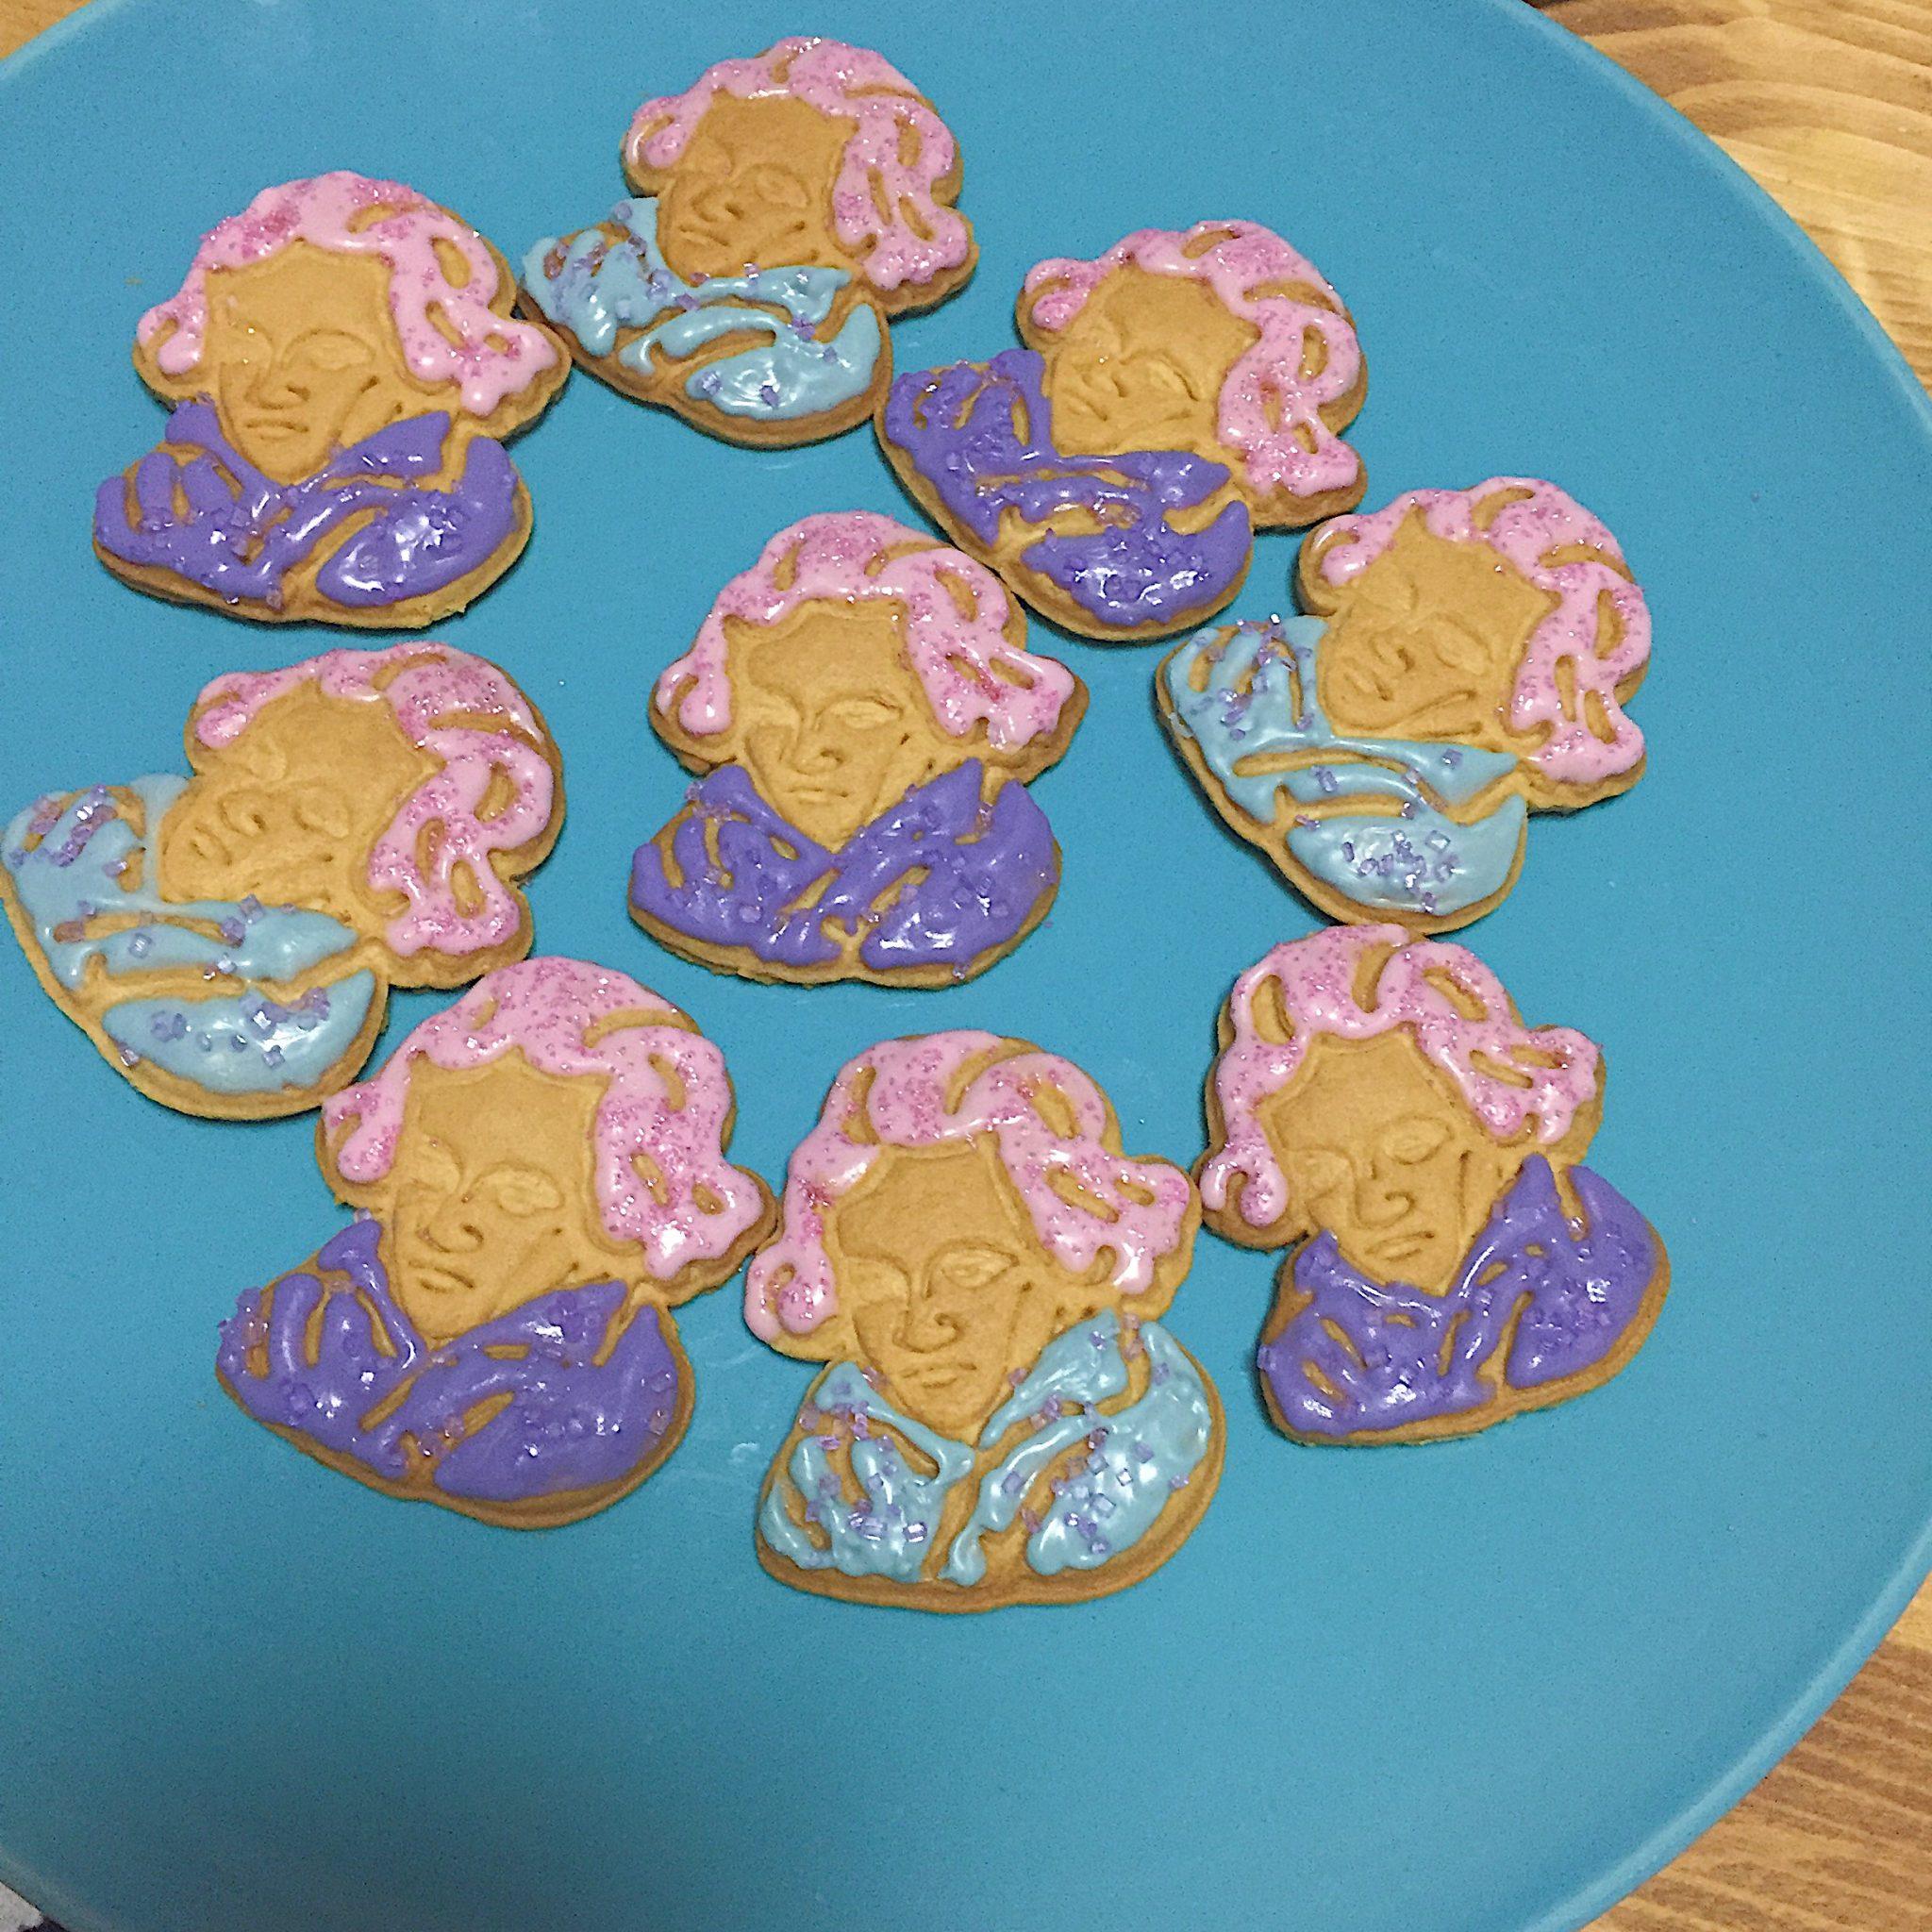 もうすぐバレンタイン!写真映え間違いなしのかわいいクッキー型♡